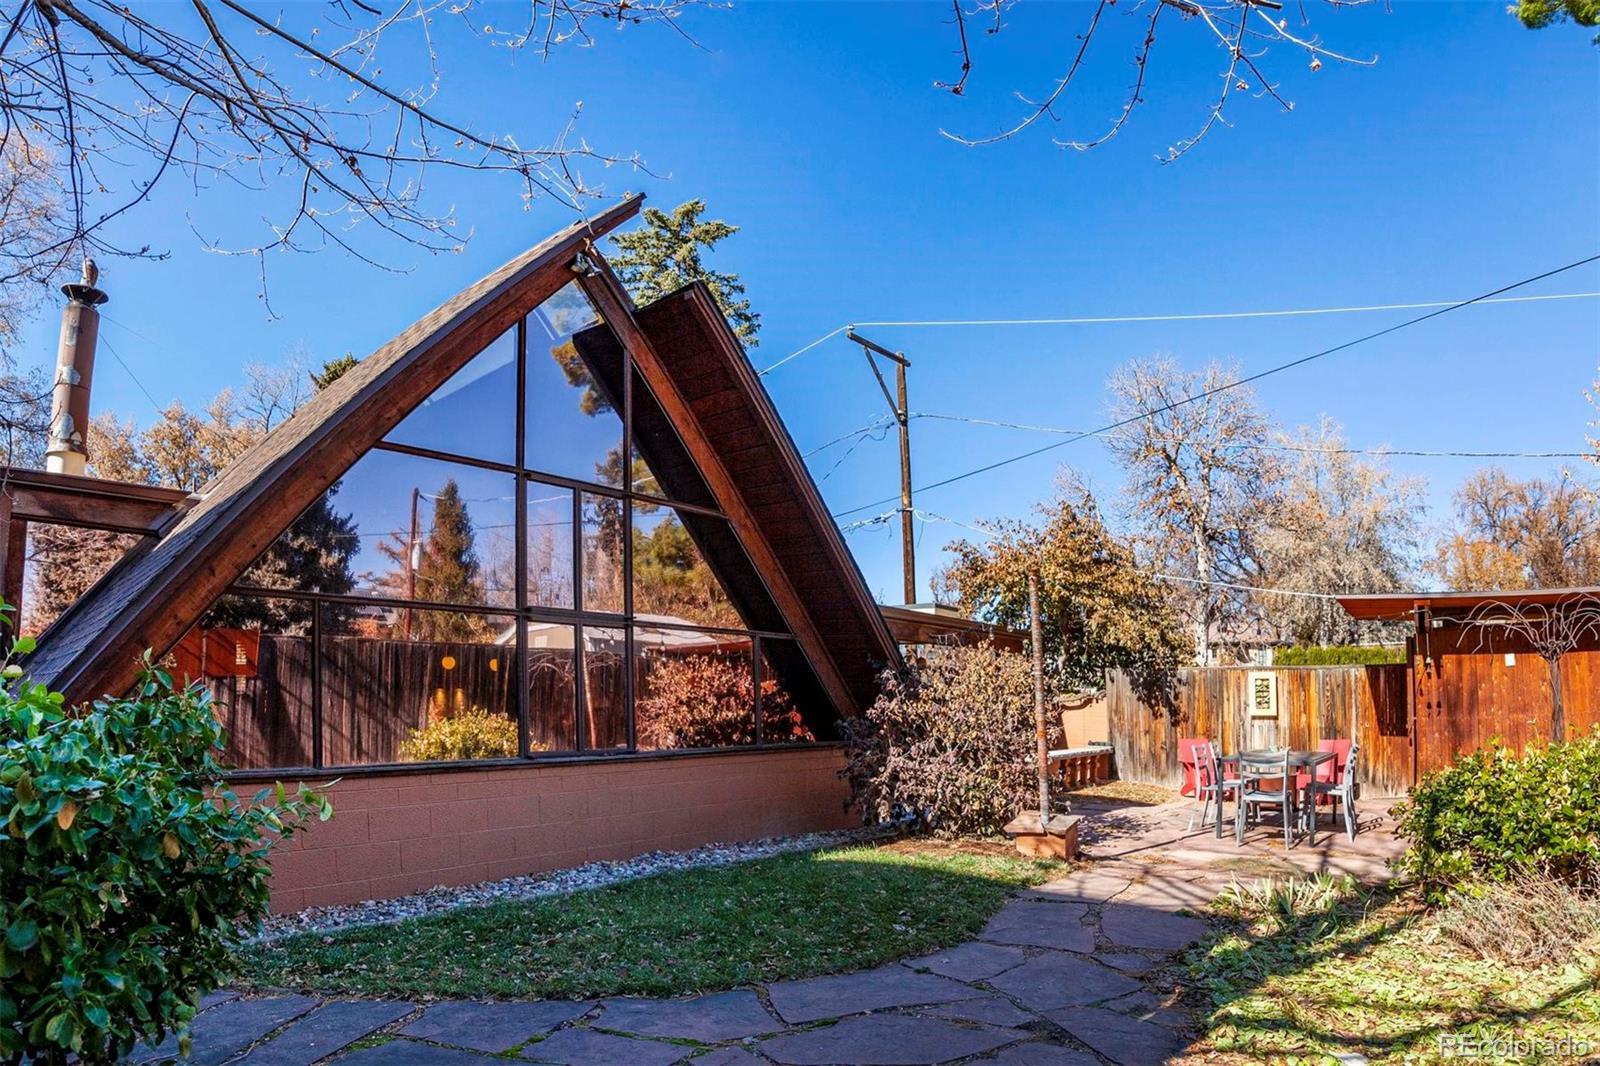 MLS# 2845128 - 35 - 1920 Albion Street, Denver, CO 80220